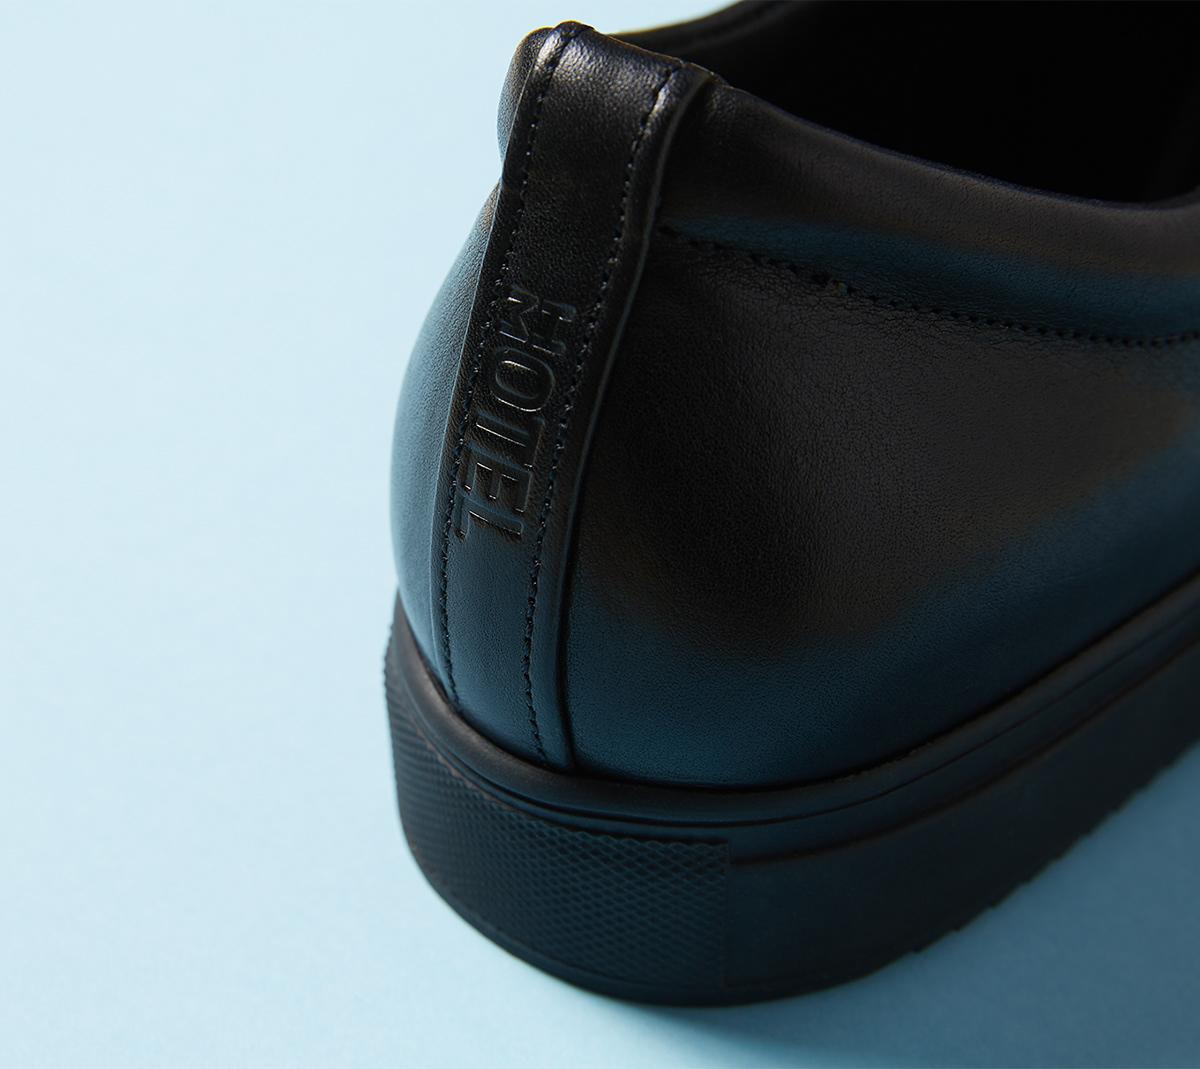 高端运动鞋品牌VI设计欣赏